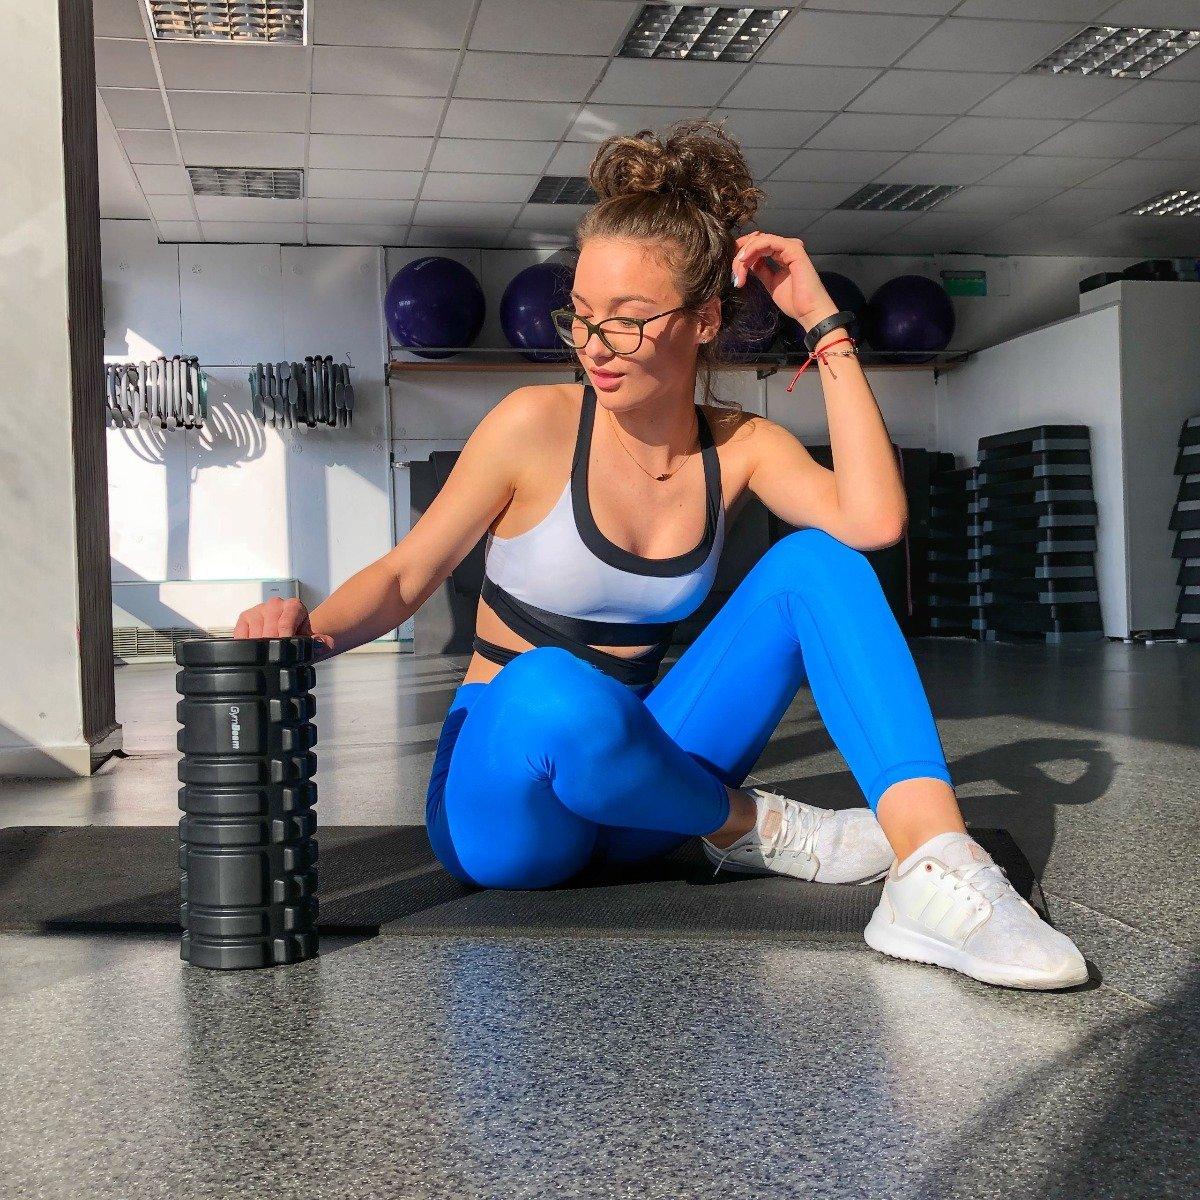 fájó ízületi fájdalom edzés után elhízás ízületi betegség